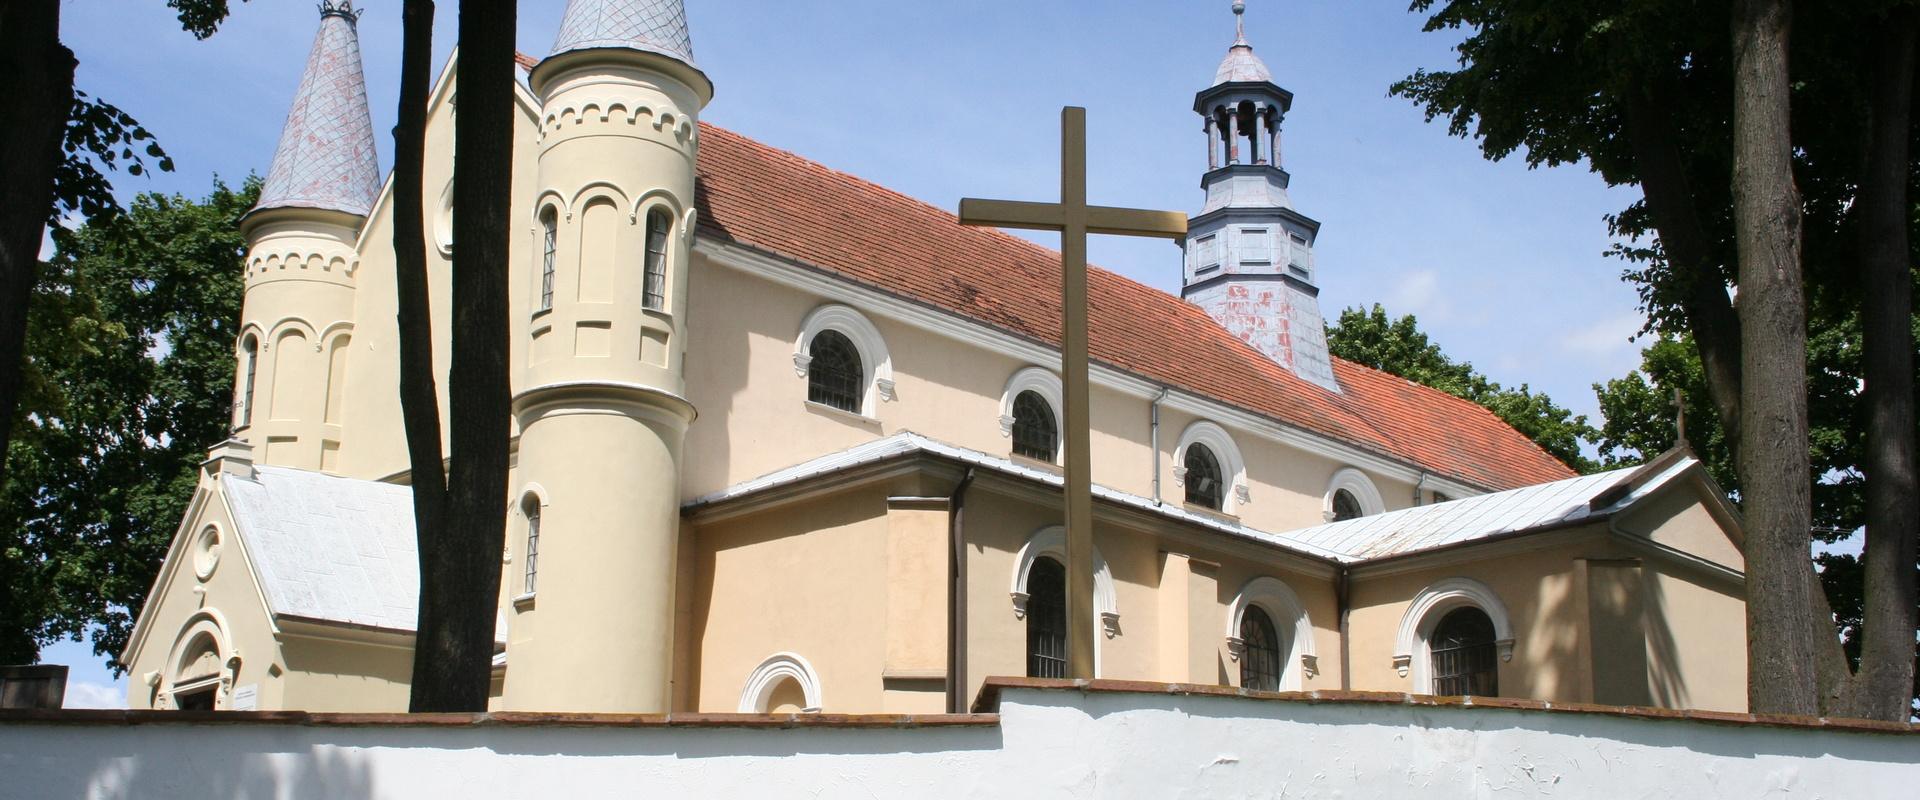 Kościół pw. św. Michała Archanioła w Daleszycach